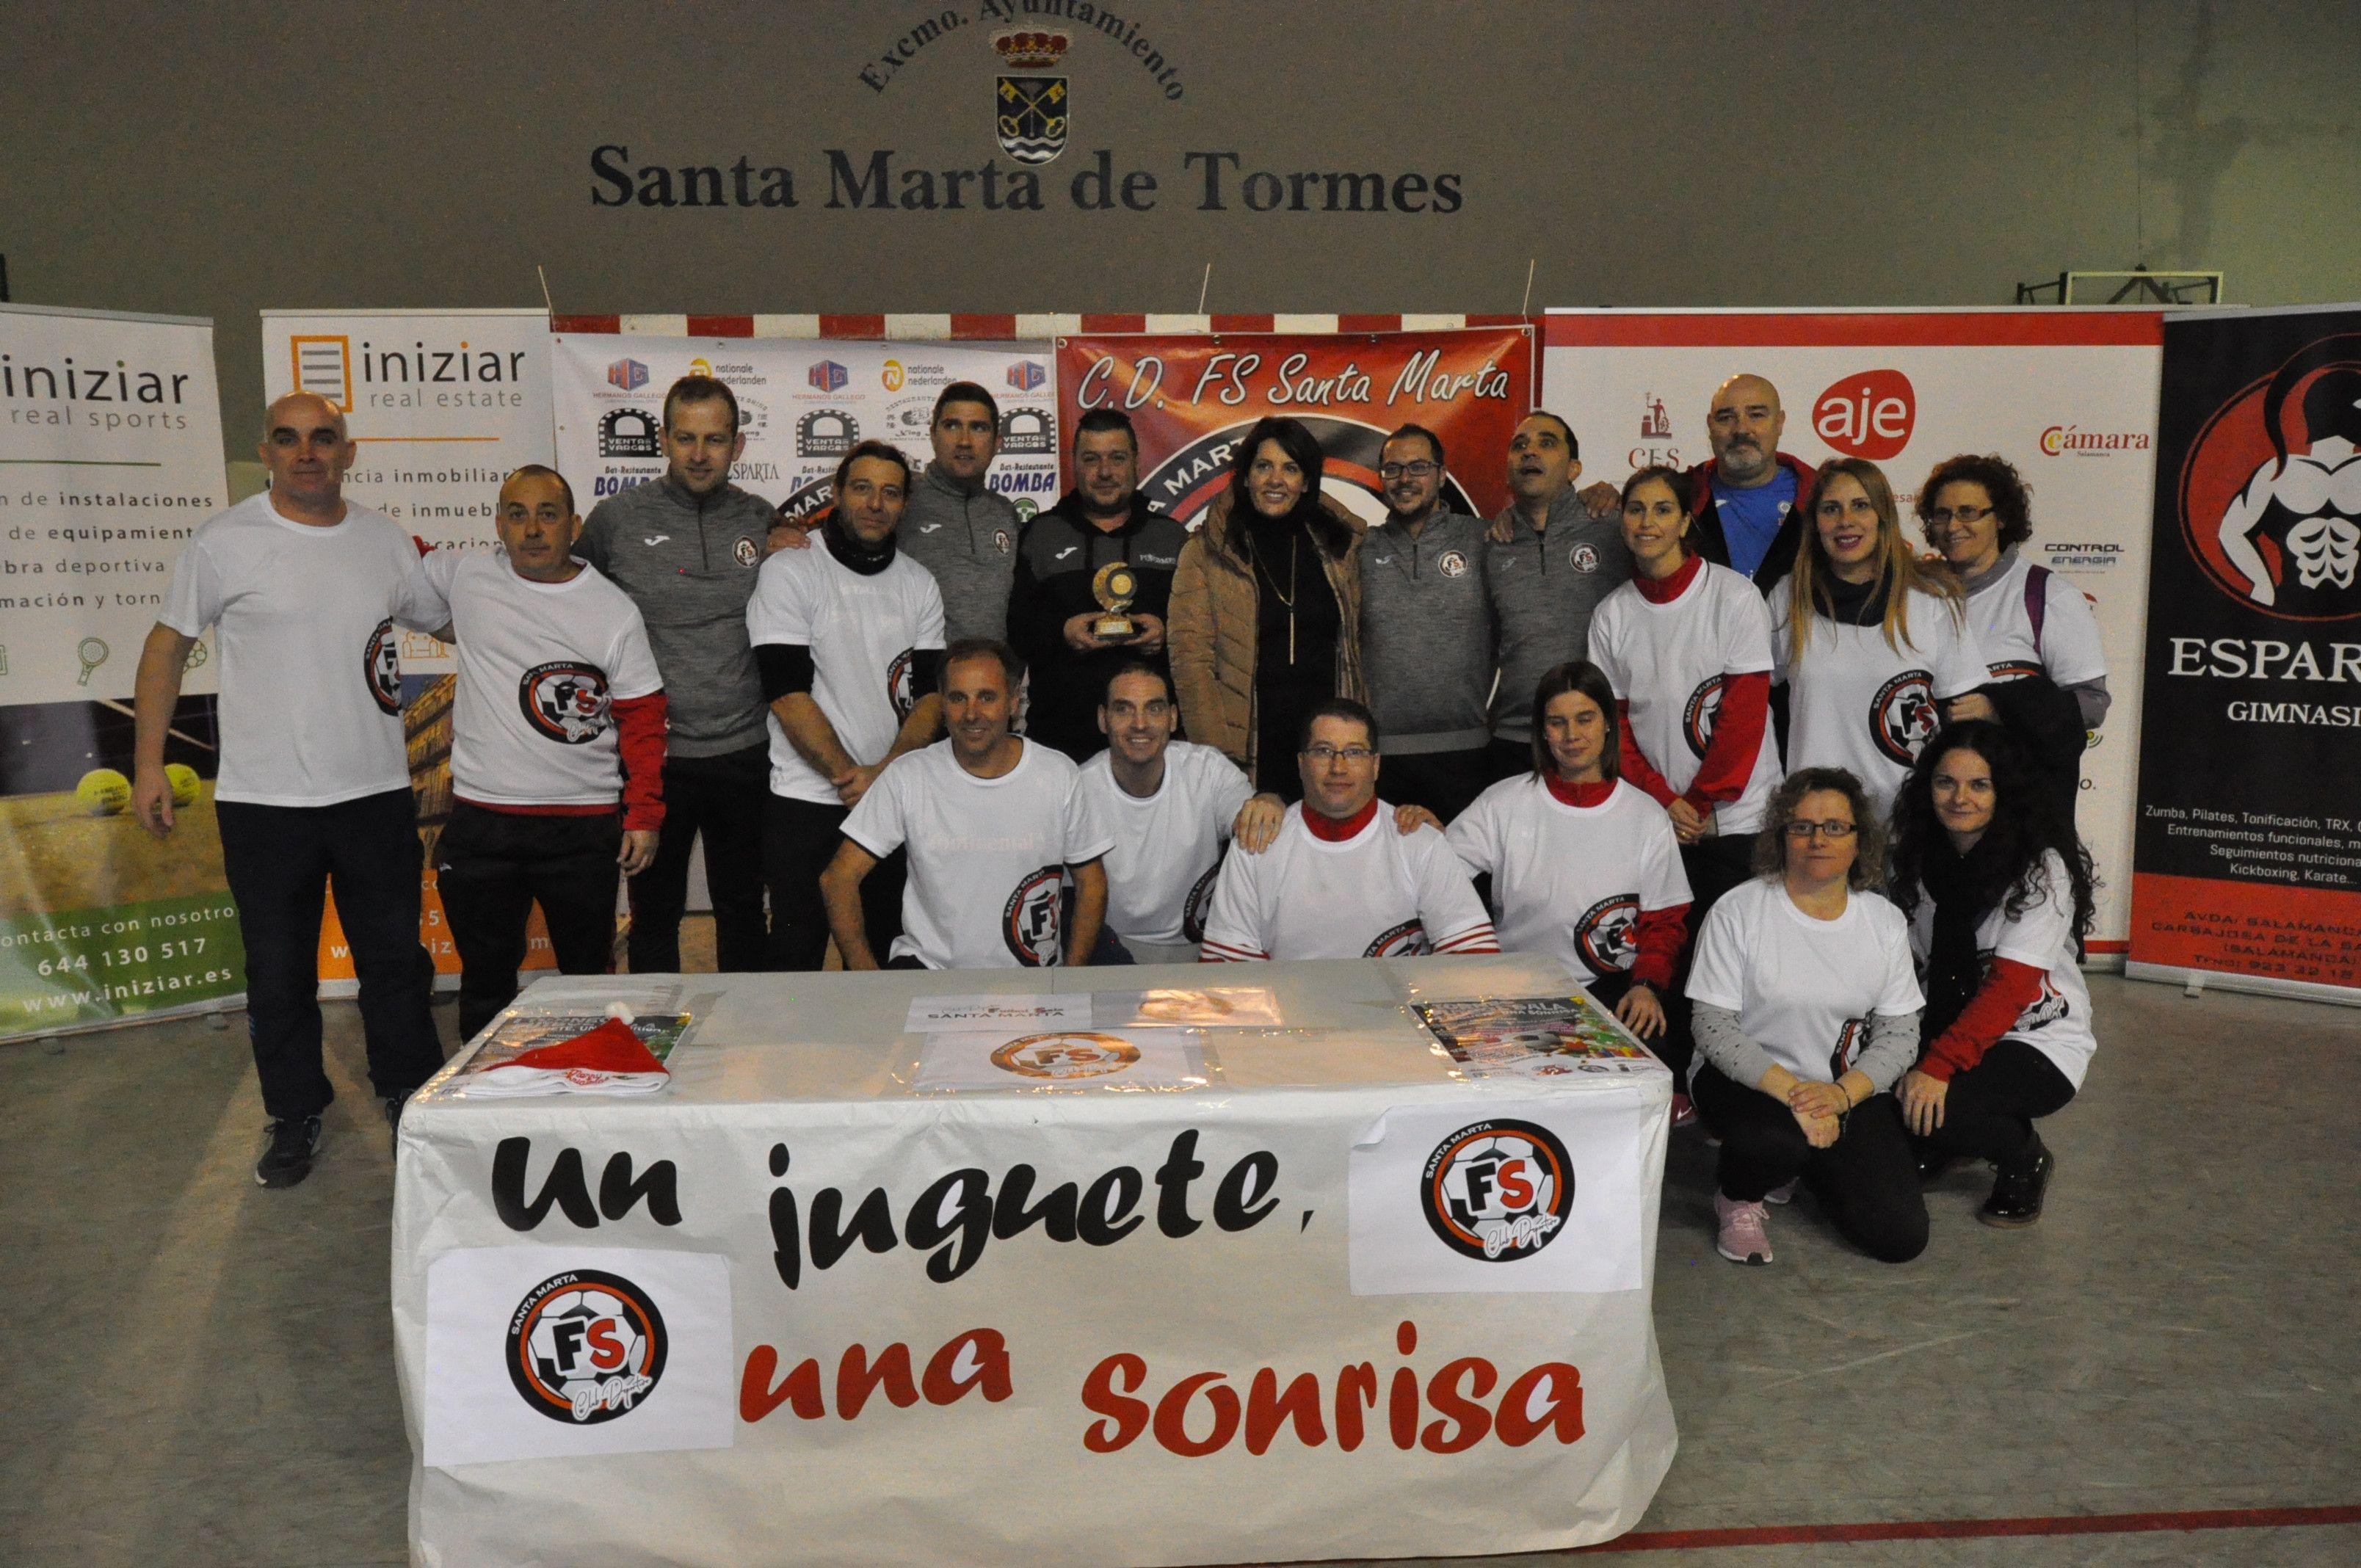 Torneo solidario Santa Marta (4)